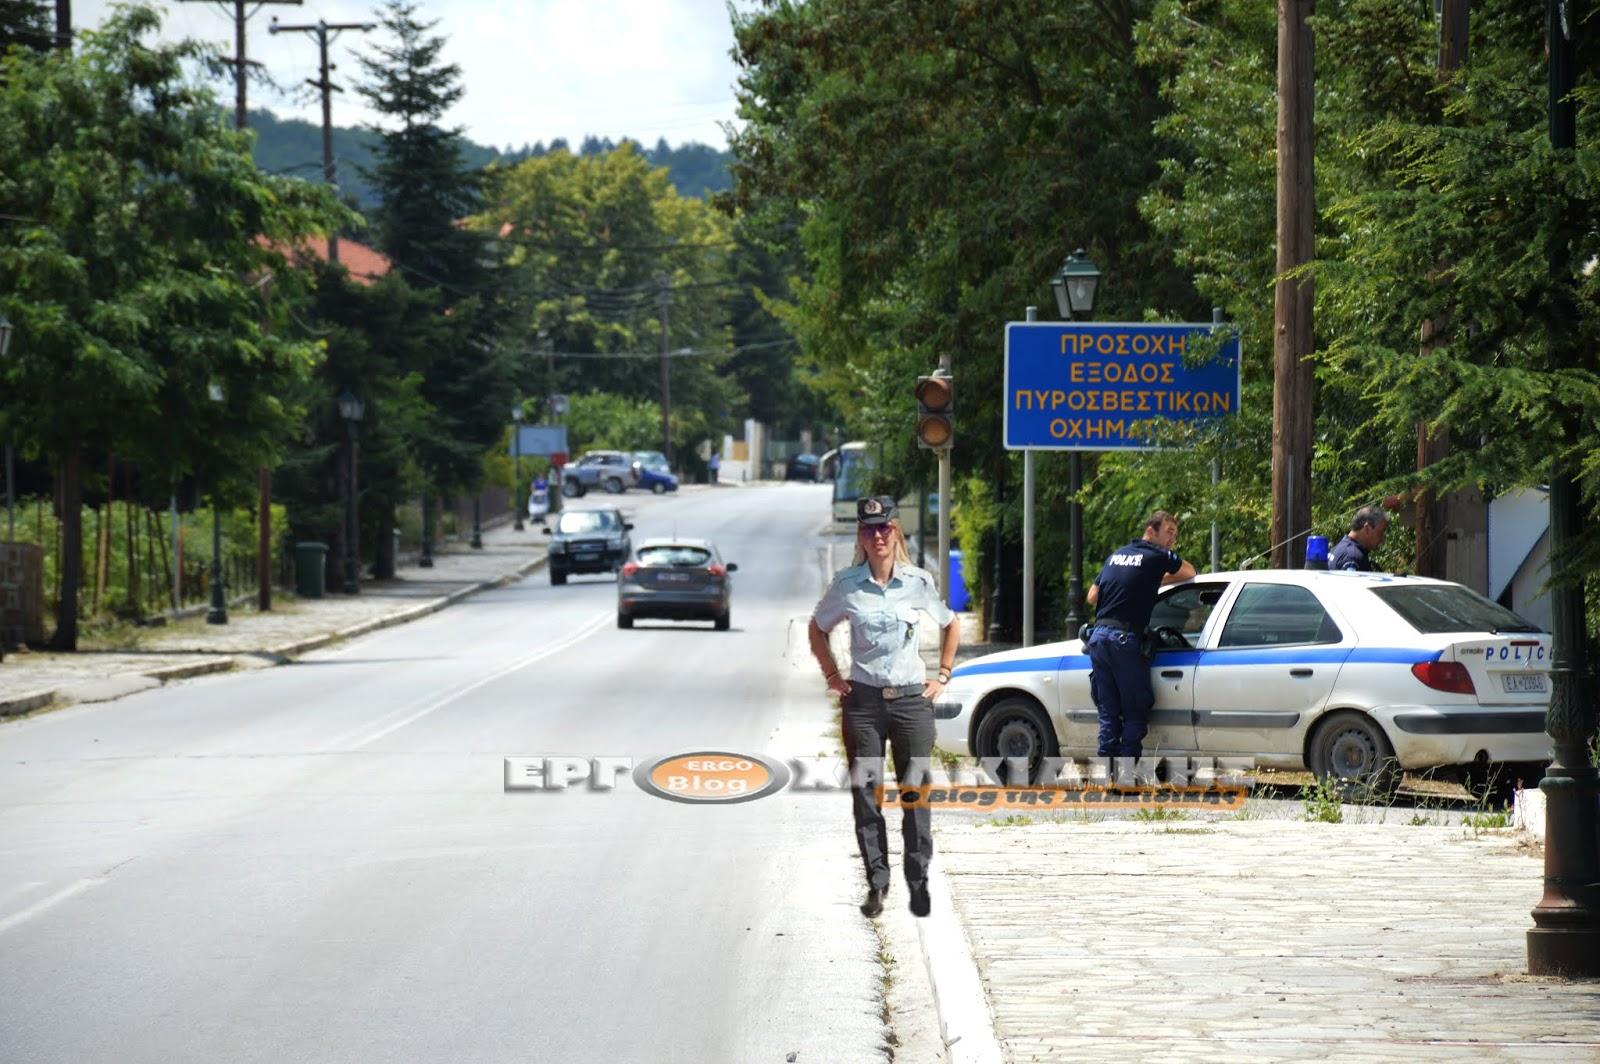 Σε επιφυλακή η Αστυνομία για την μεγάλη έξοδο του Δεκαπενταύγουστου